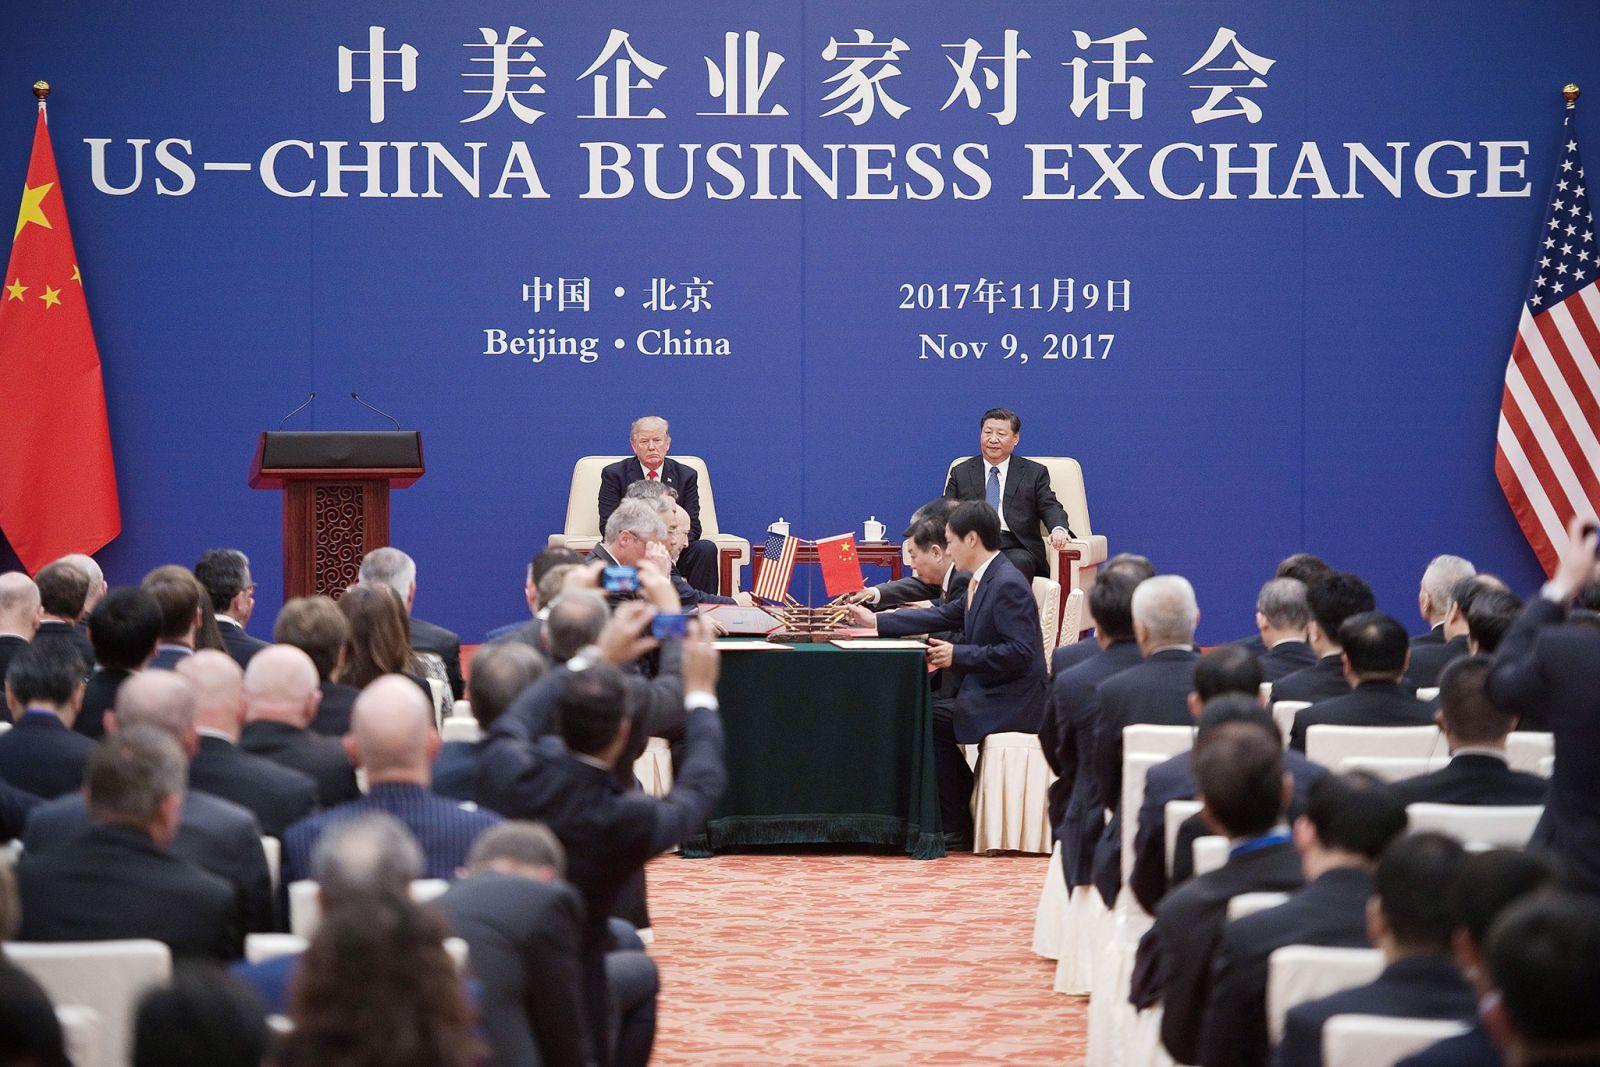 特朗普:貿易矛盾不怪中國